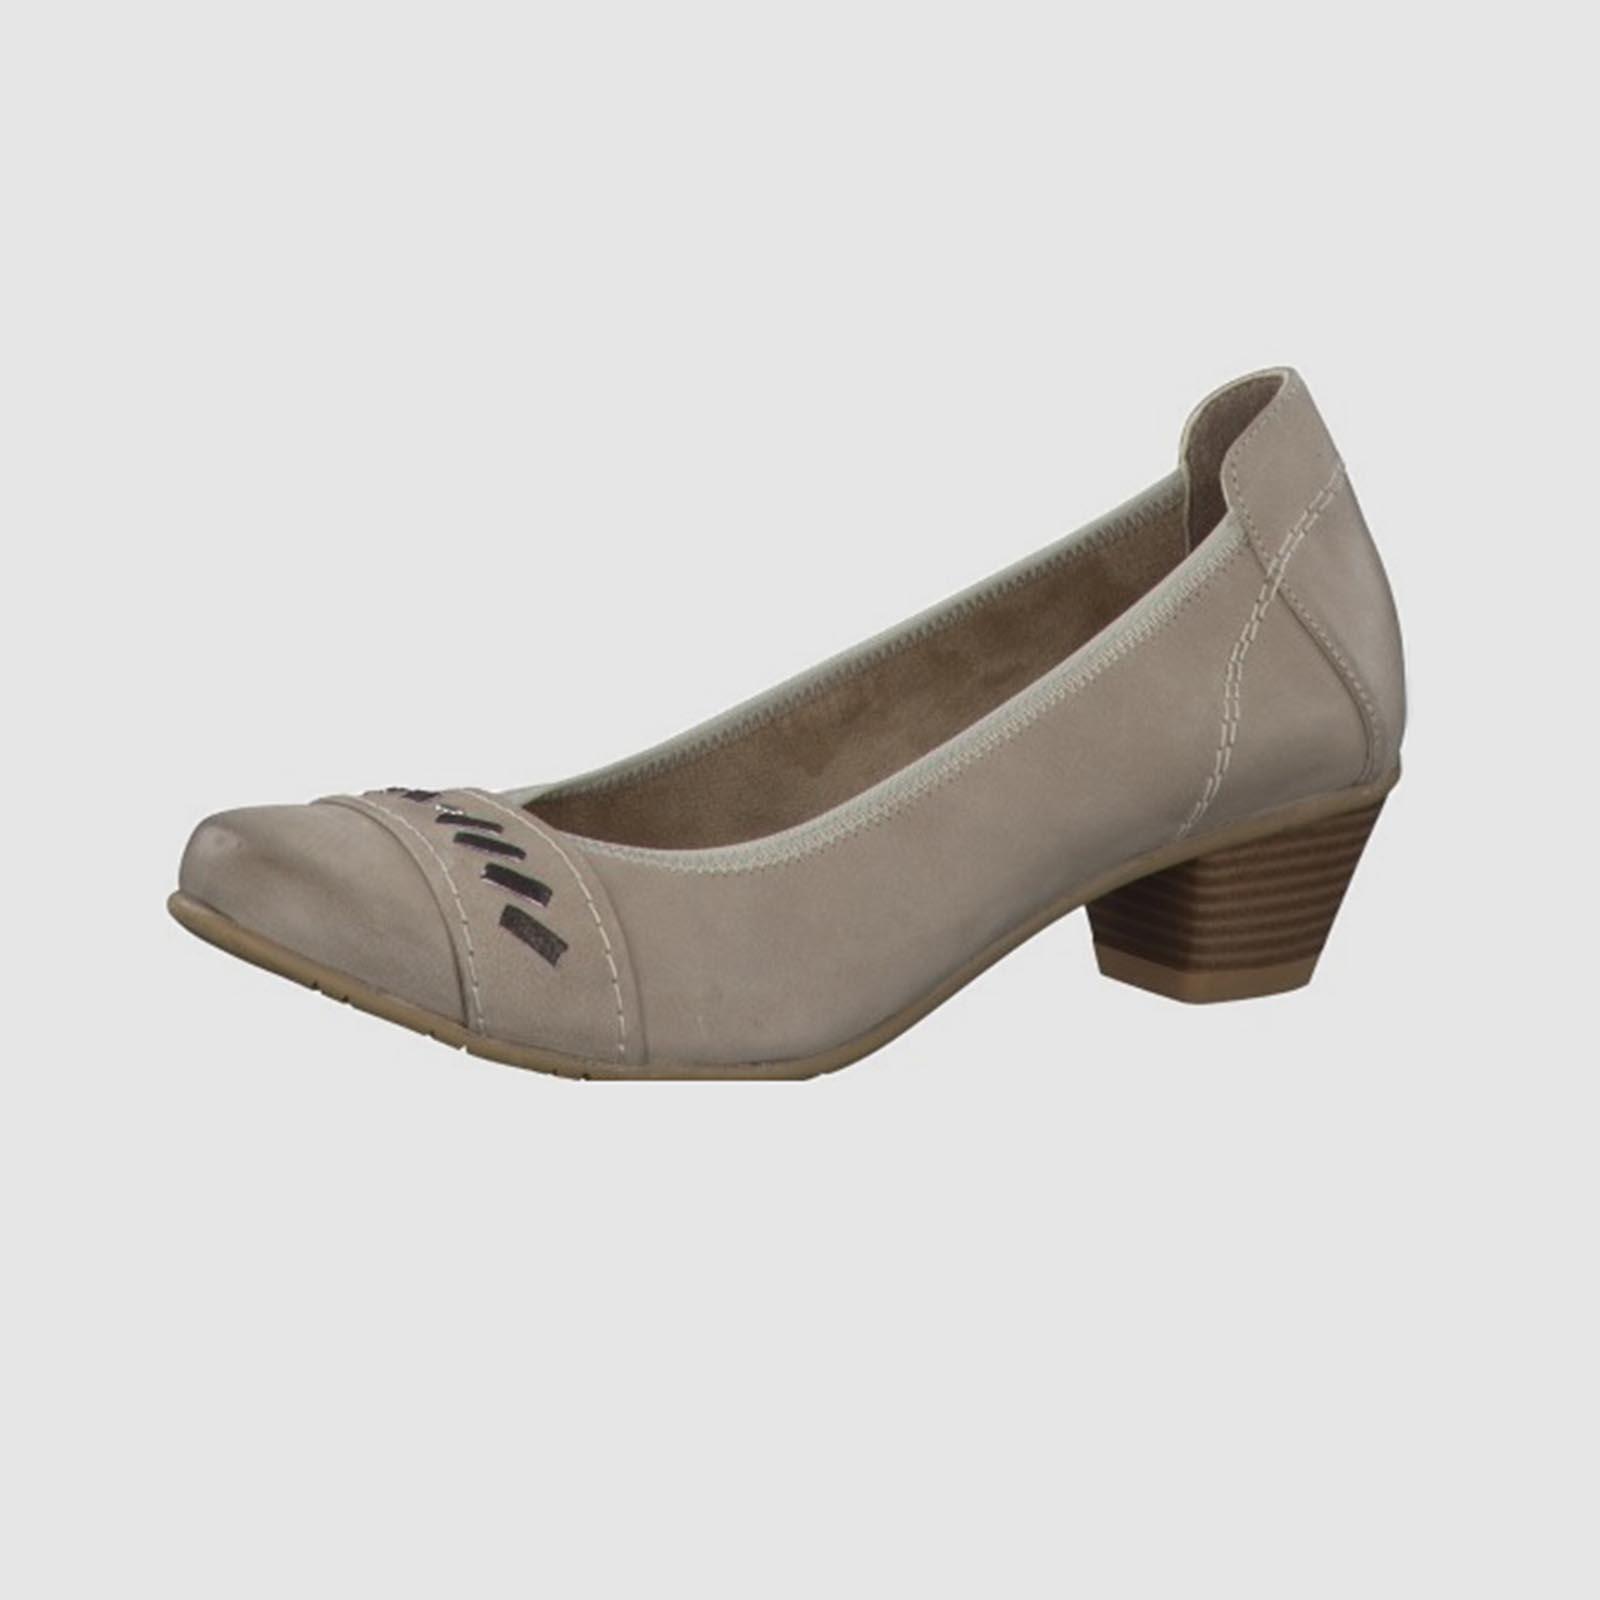 Лодочки женские с декоритивной вставкой на мысу и каблуке